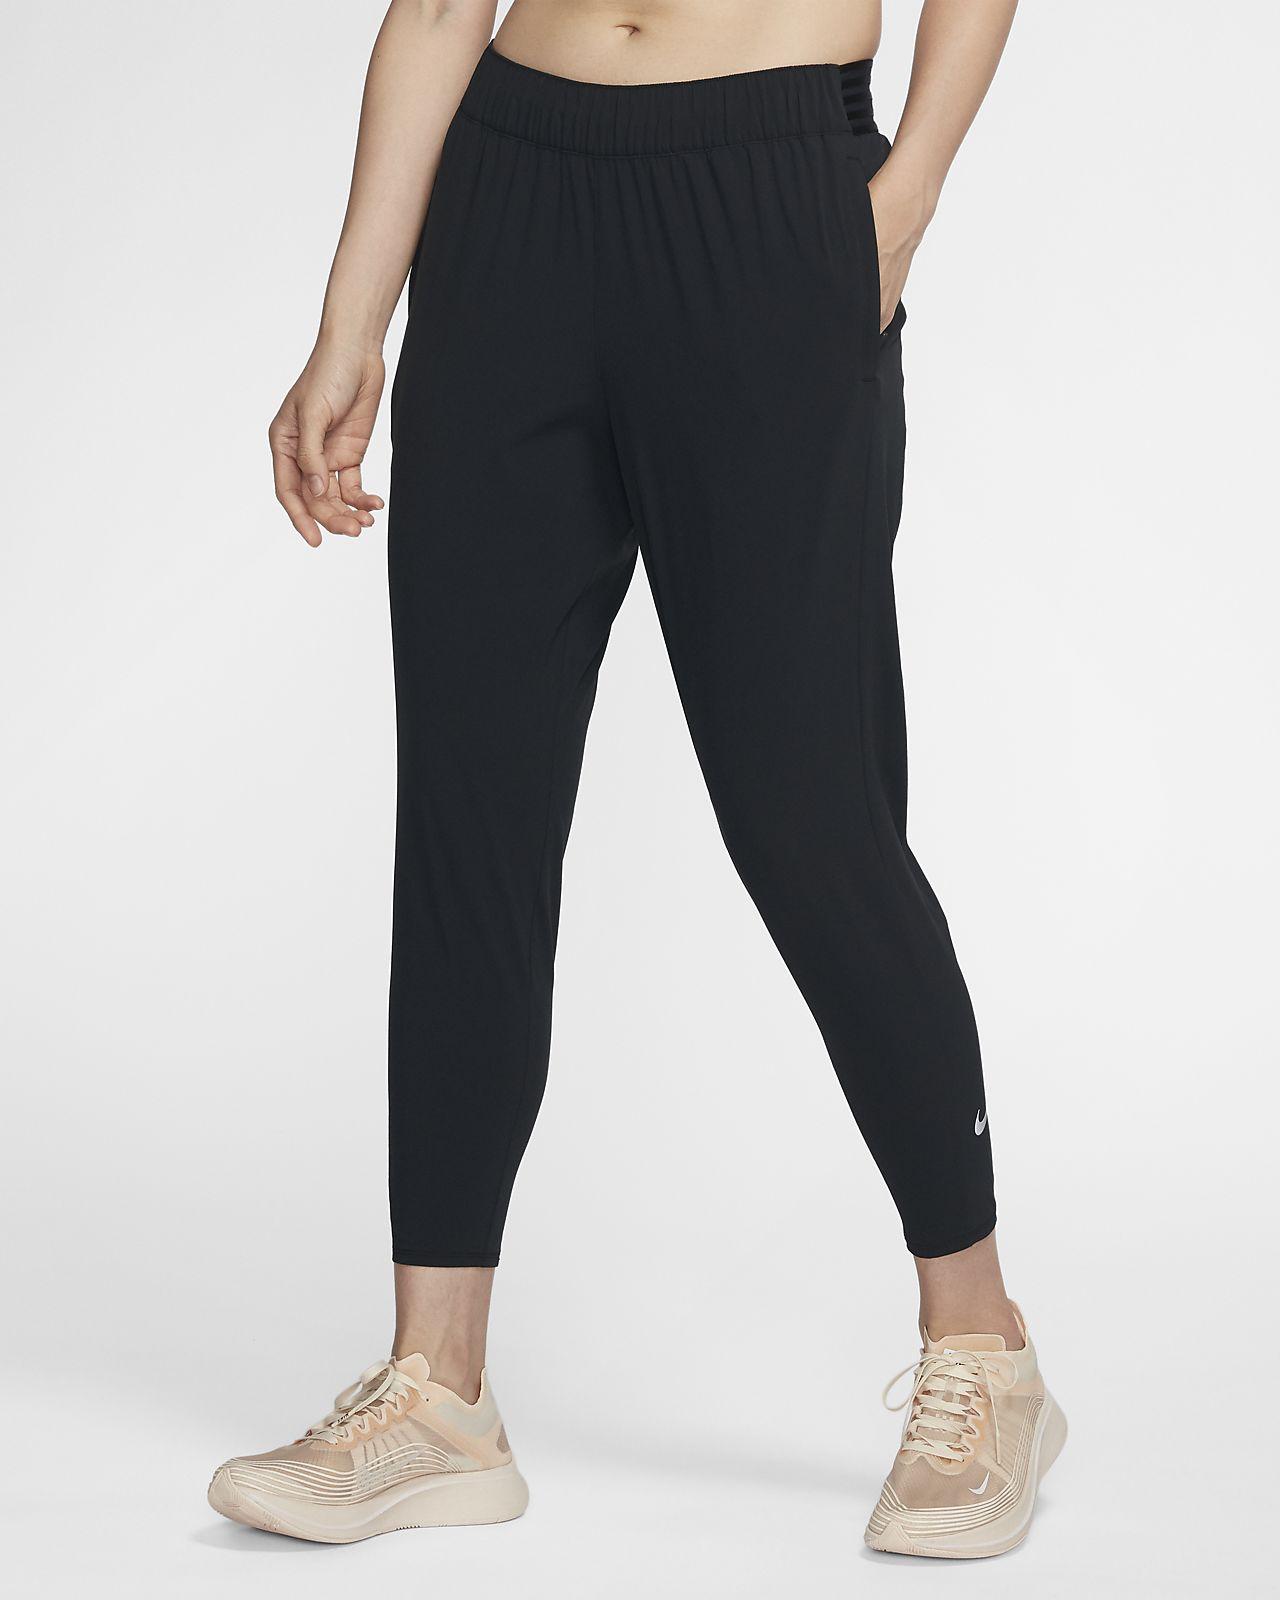 กางเกงวิ่งผู้หญิง 7/8 ส่วน Nike Essential